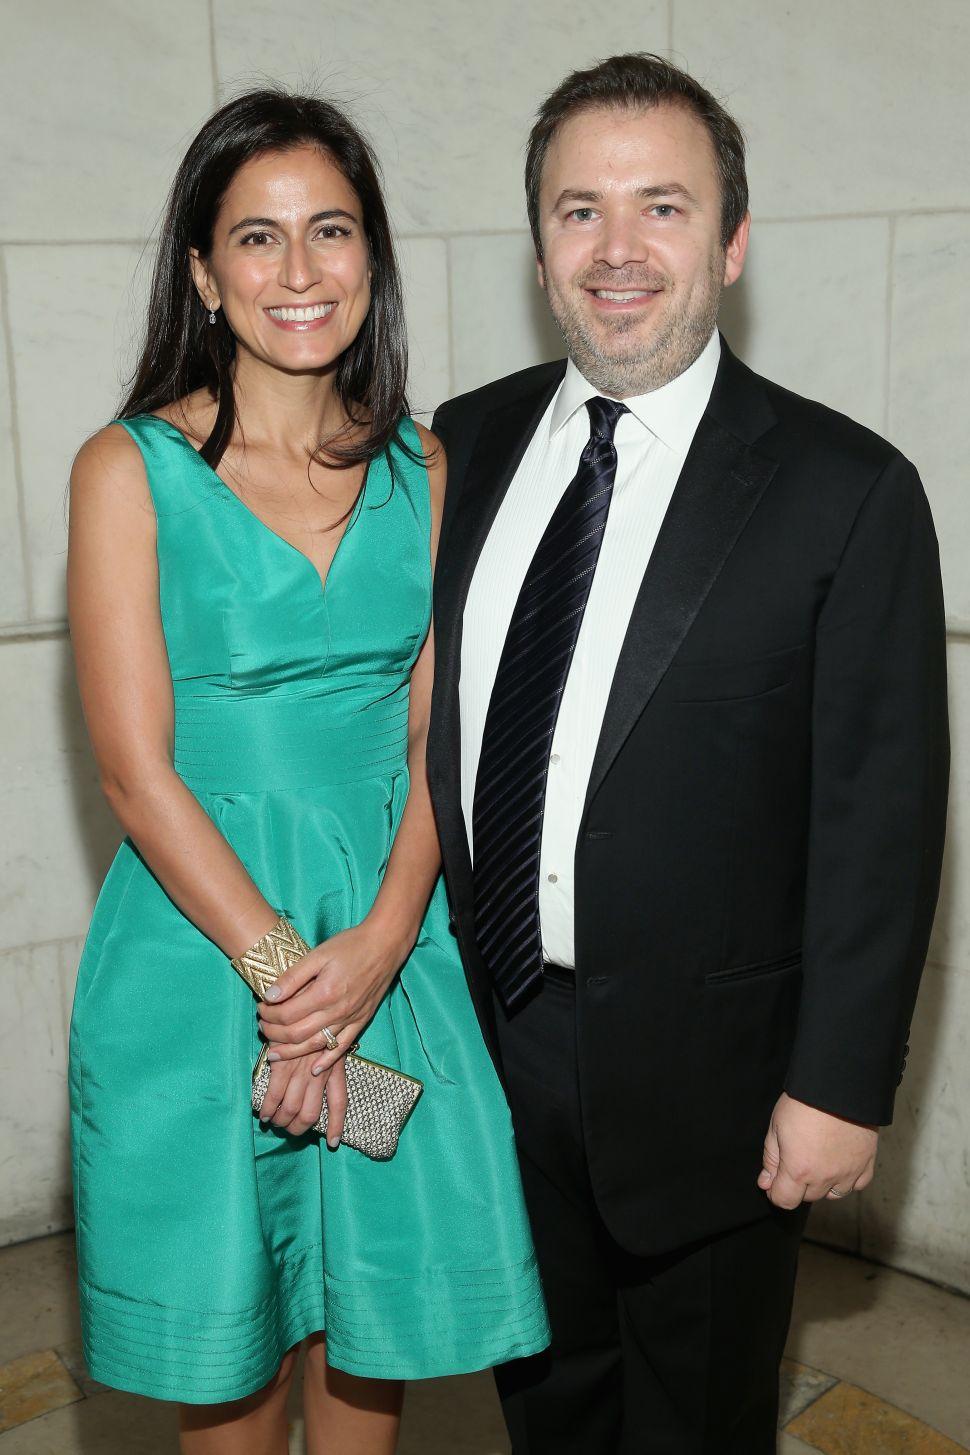 Boaz Weinstein Trades 870 Fifth for Huguette Clark Penthouse